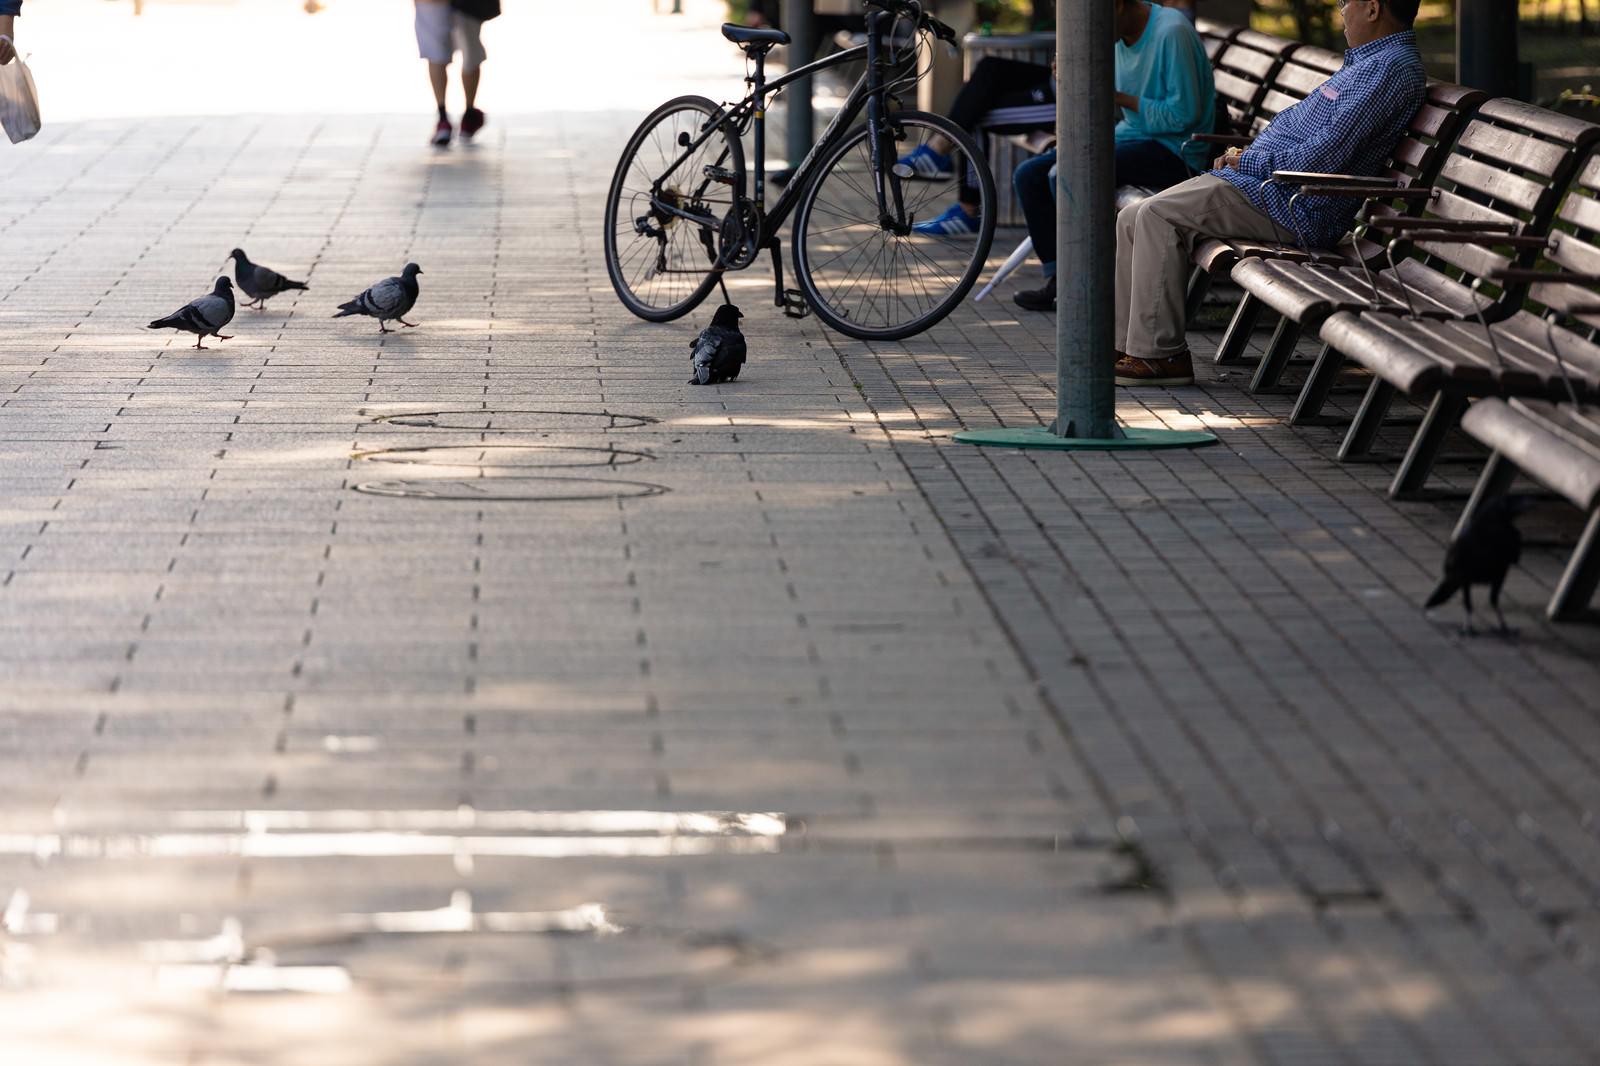 「ベンチに座っている人から餌待ちの鳩とカラス」の写真